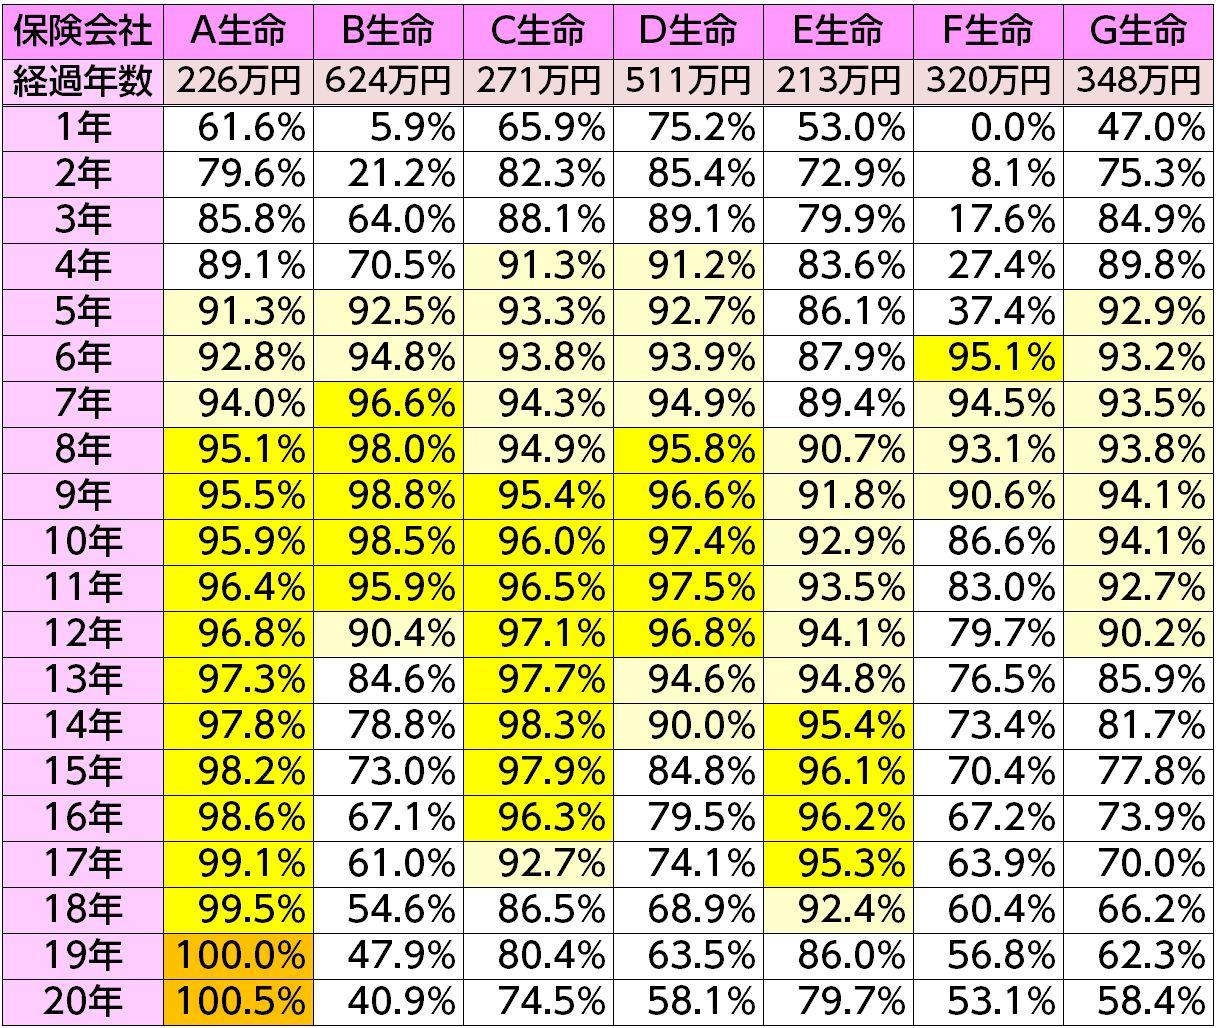 40歳逓増定期保険返戻率8態